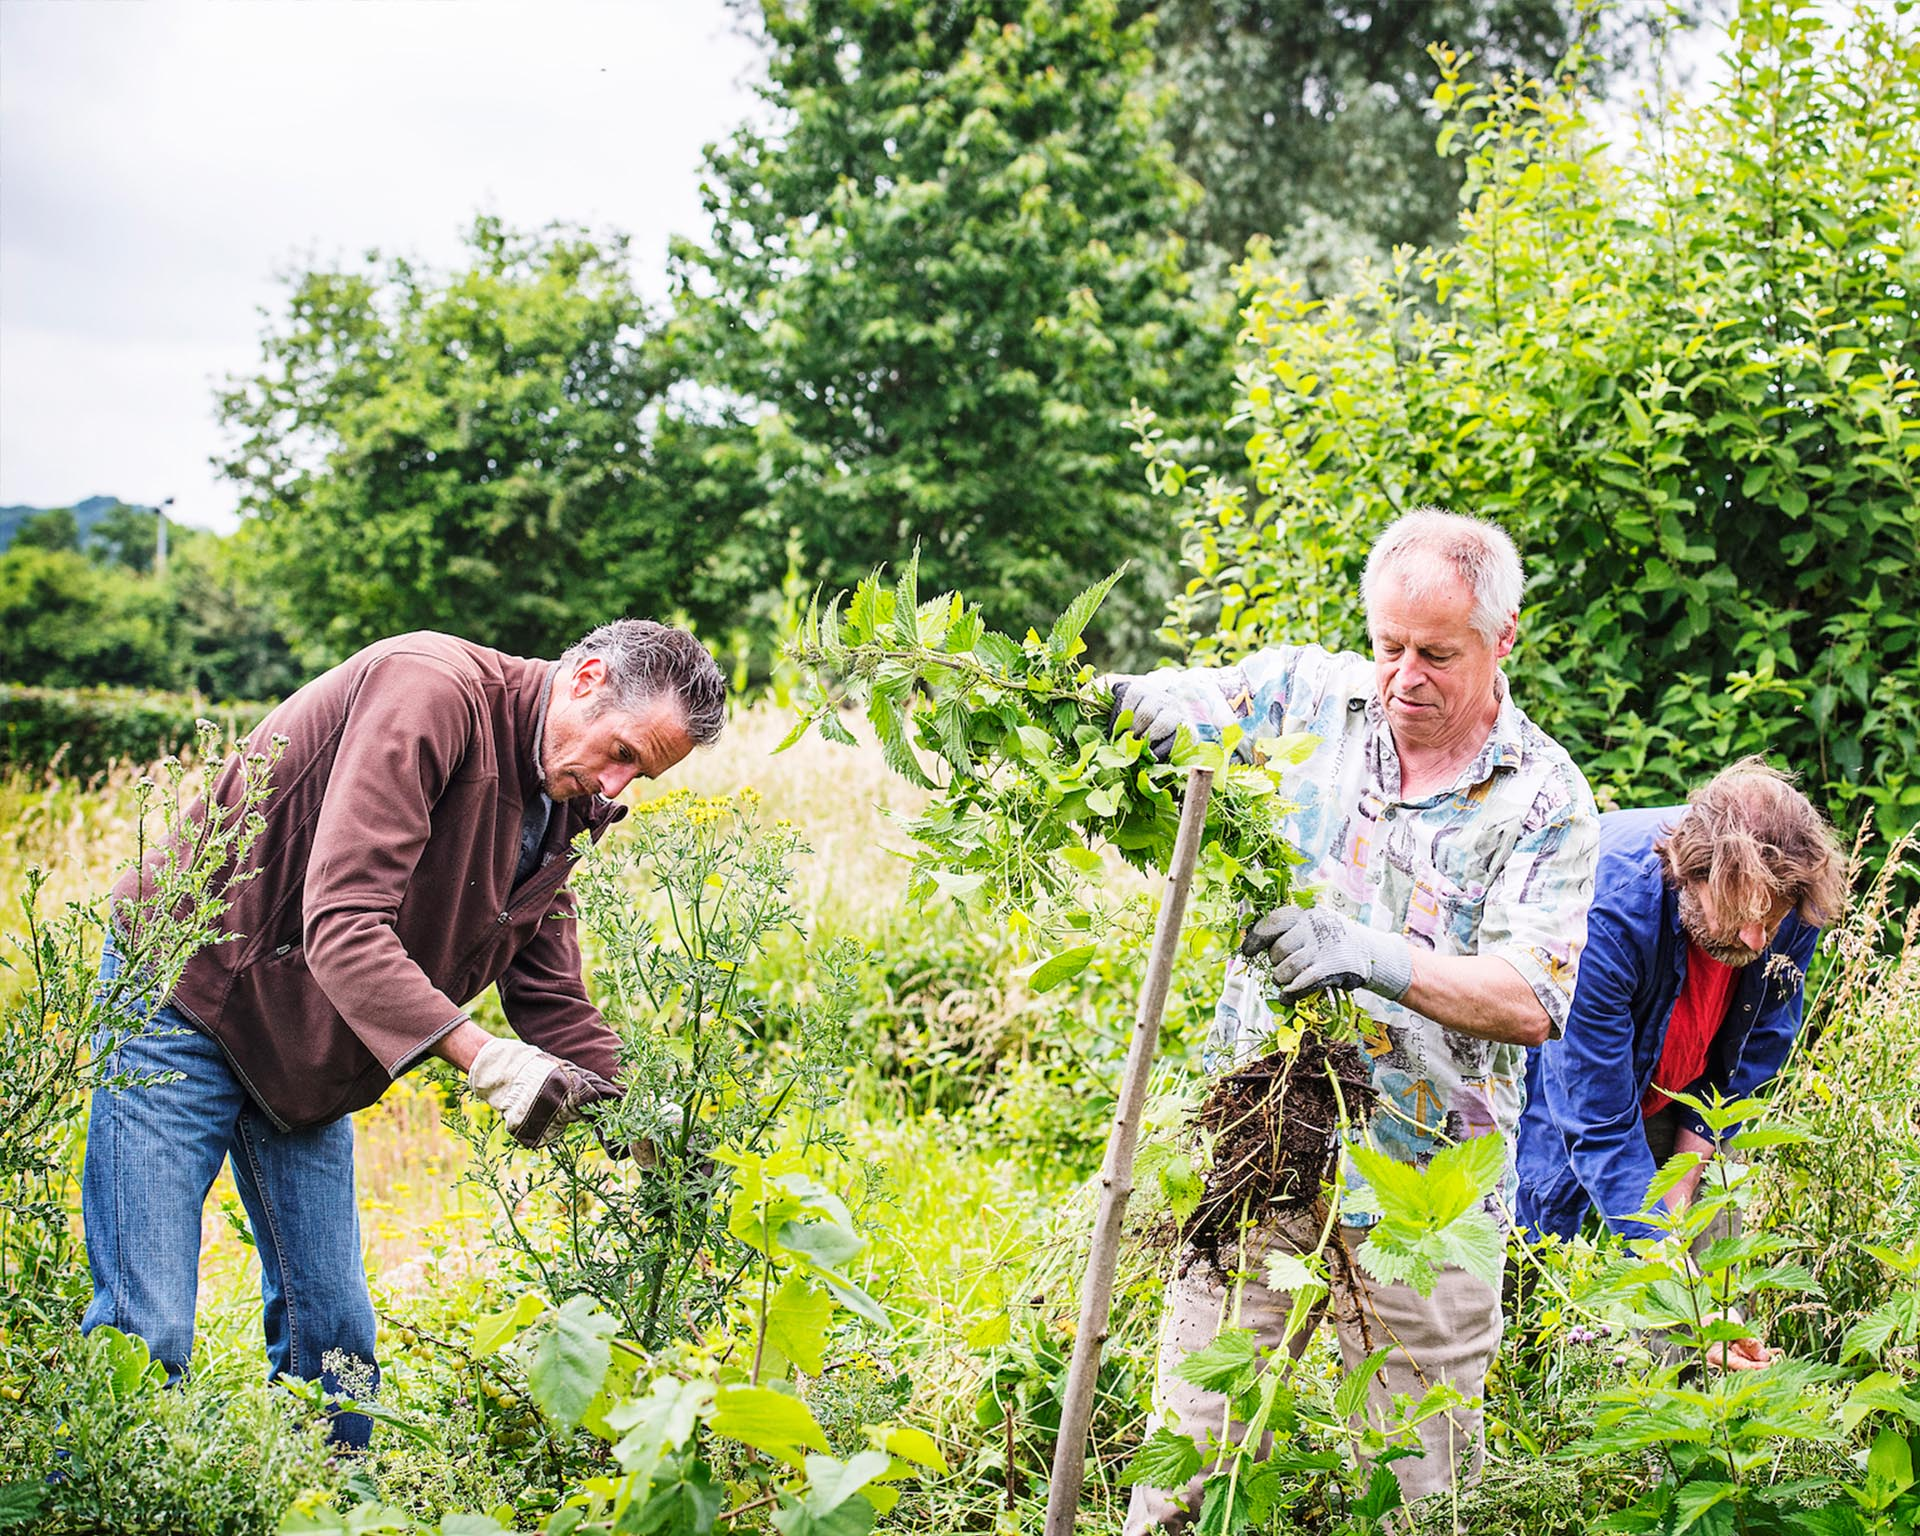 Vrijwilligers van CNME Maastricht en regio Centrum voor Natuur- en Milieueducatie werken in het park